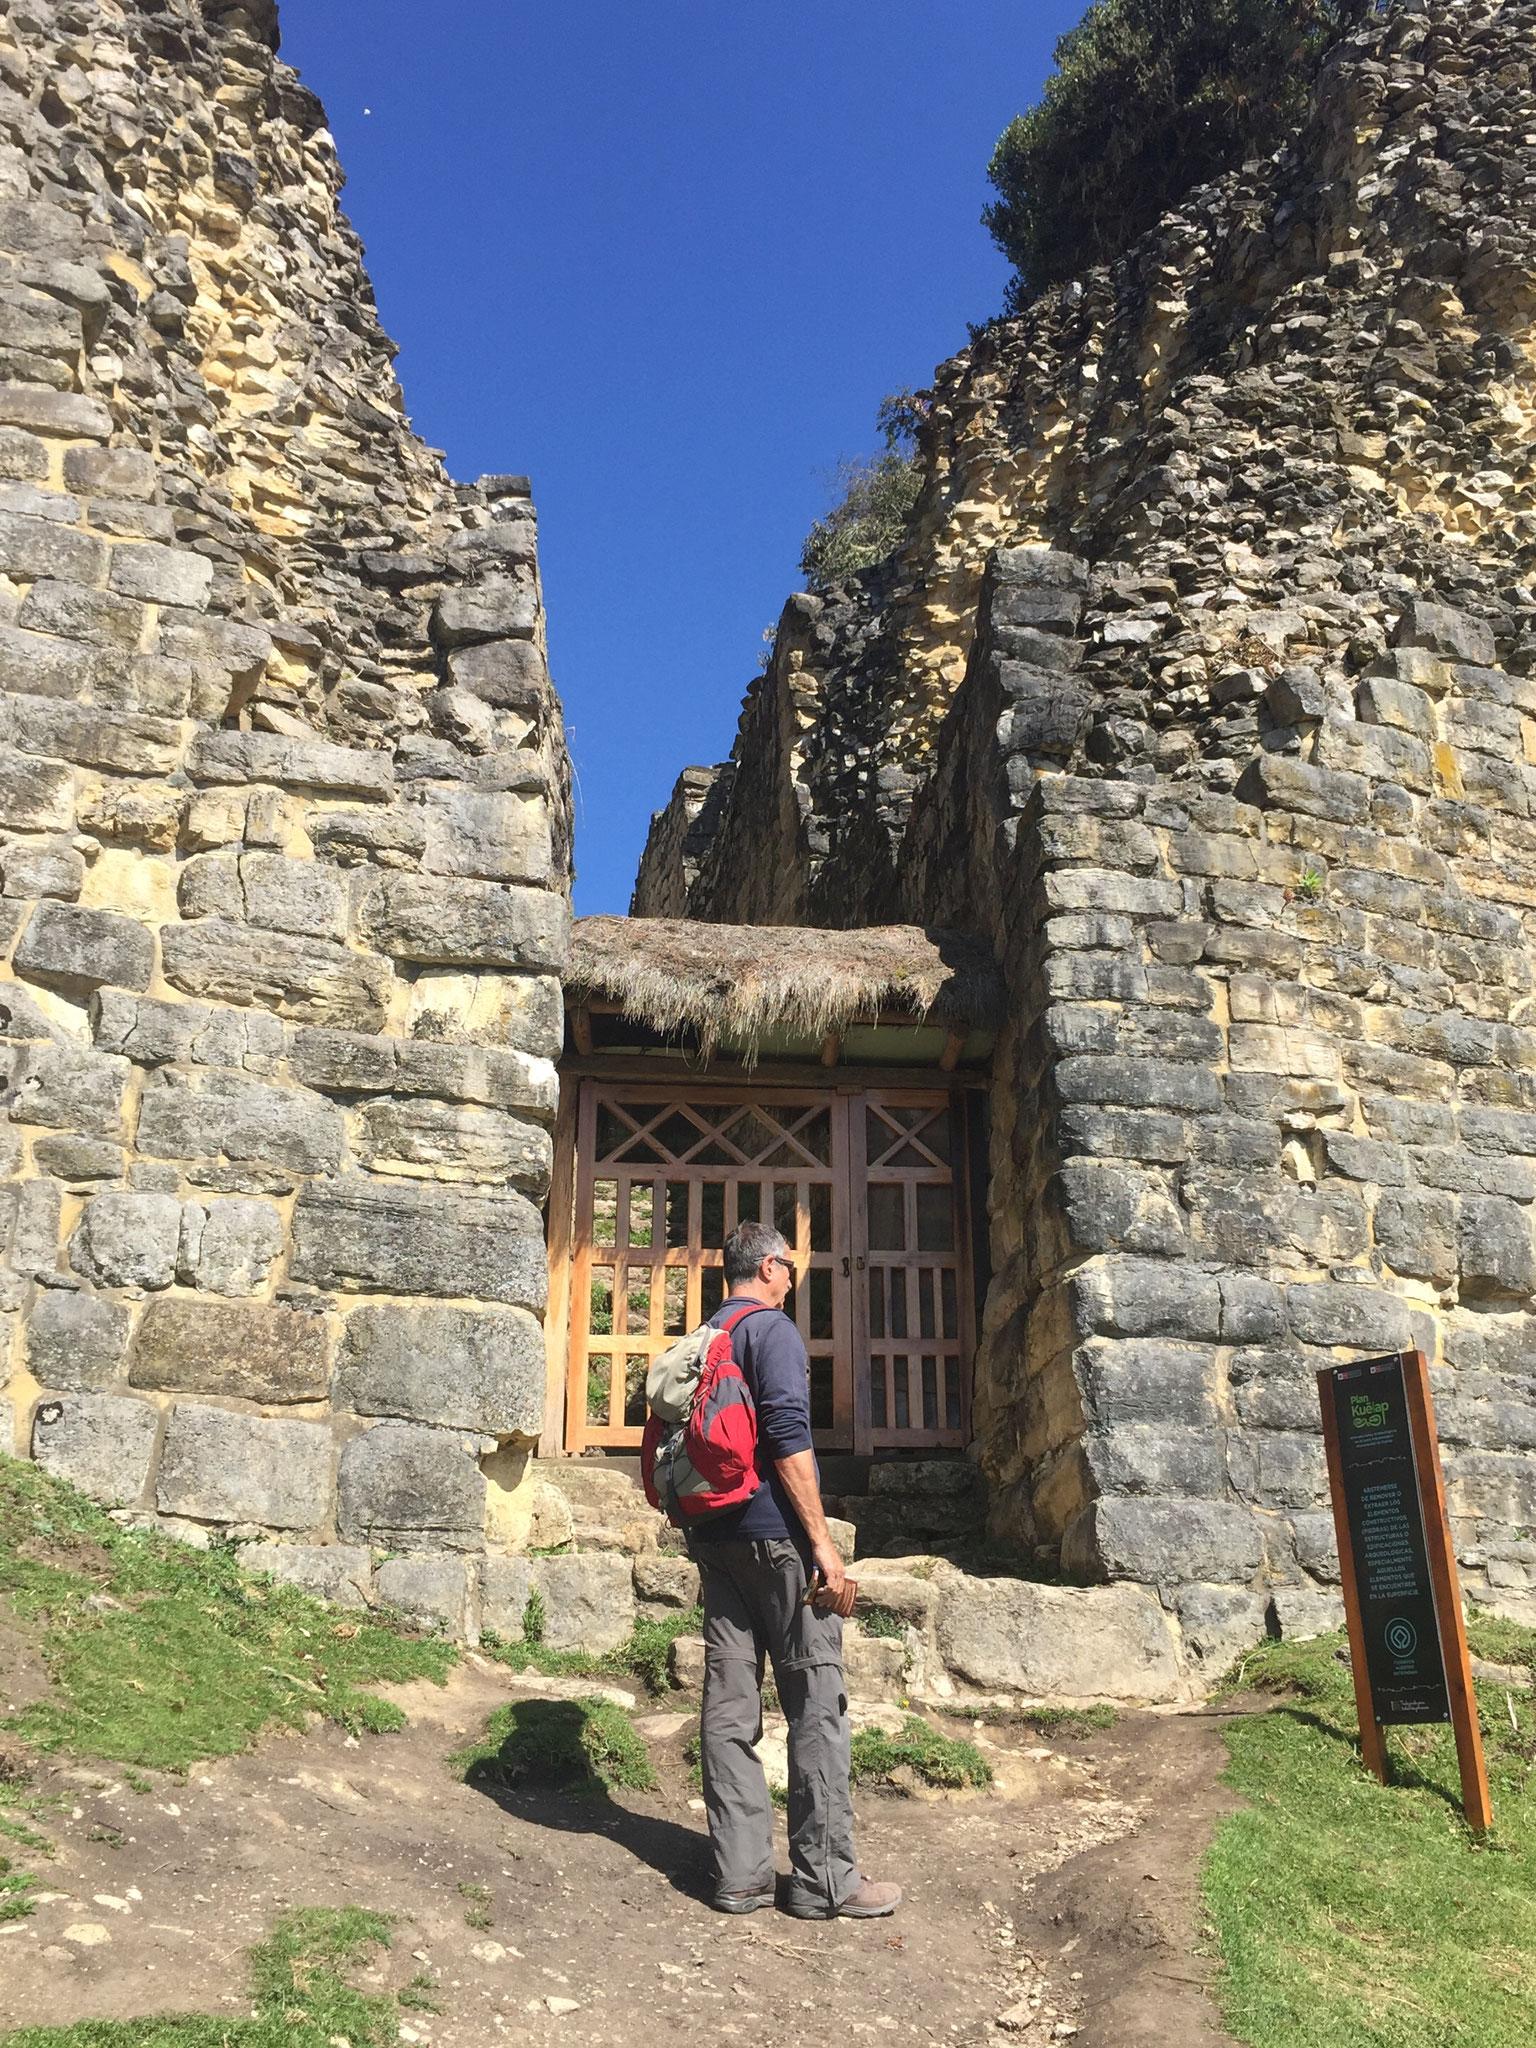 Einer der drei Eingänge zu dem Kuelap-Dorf